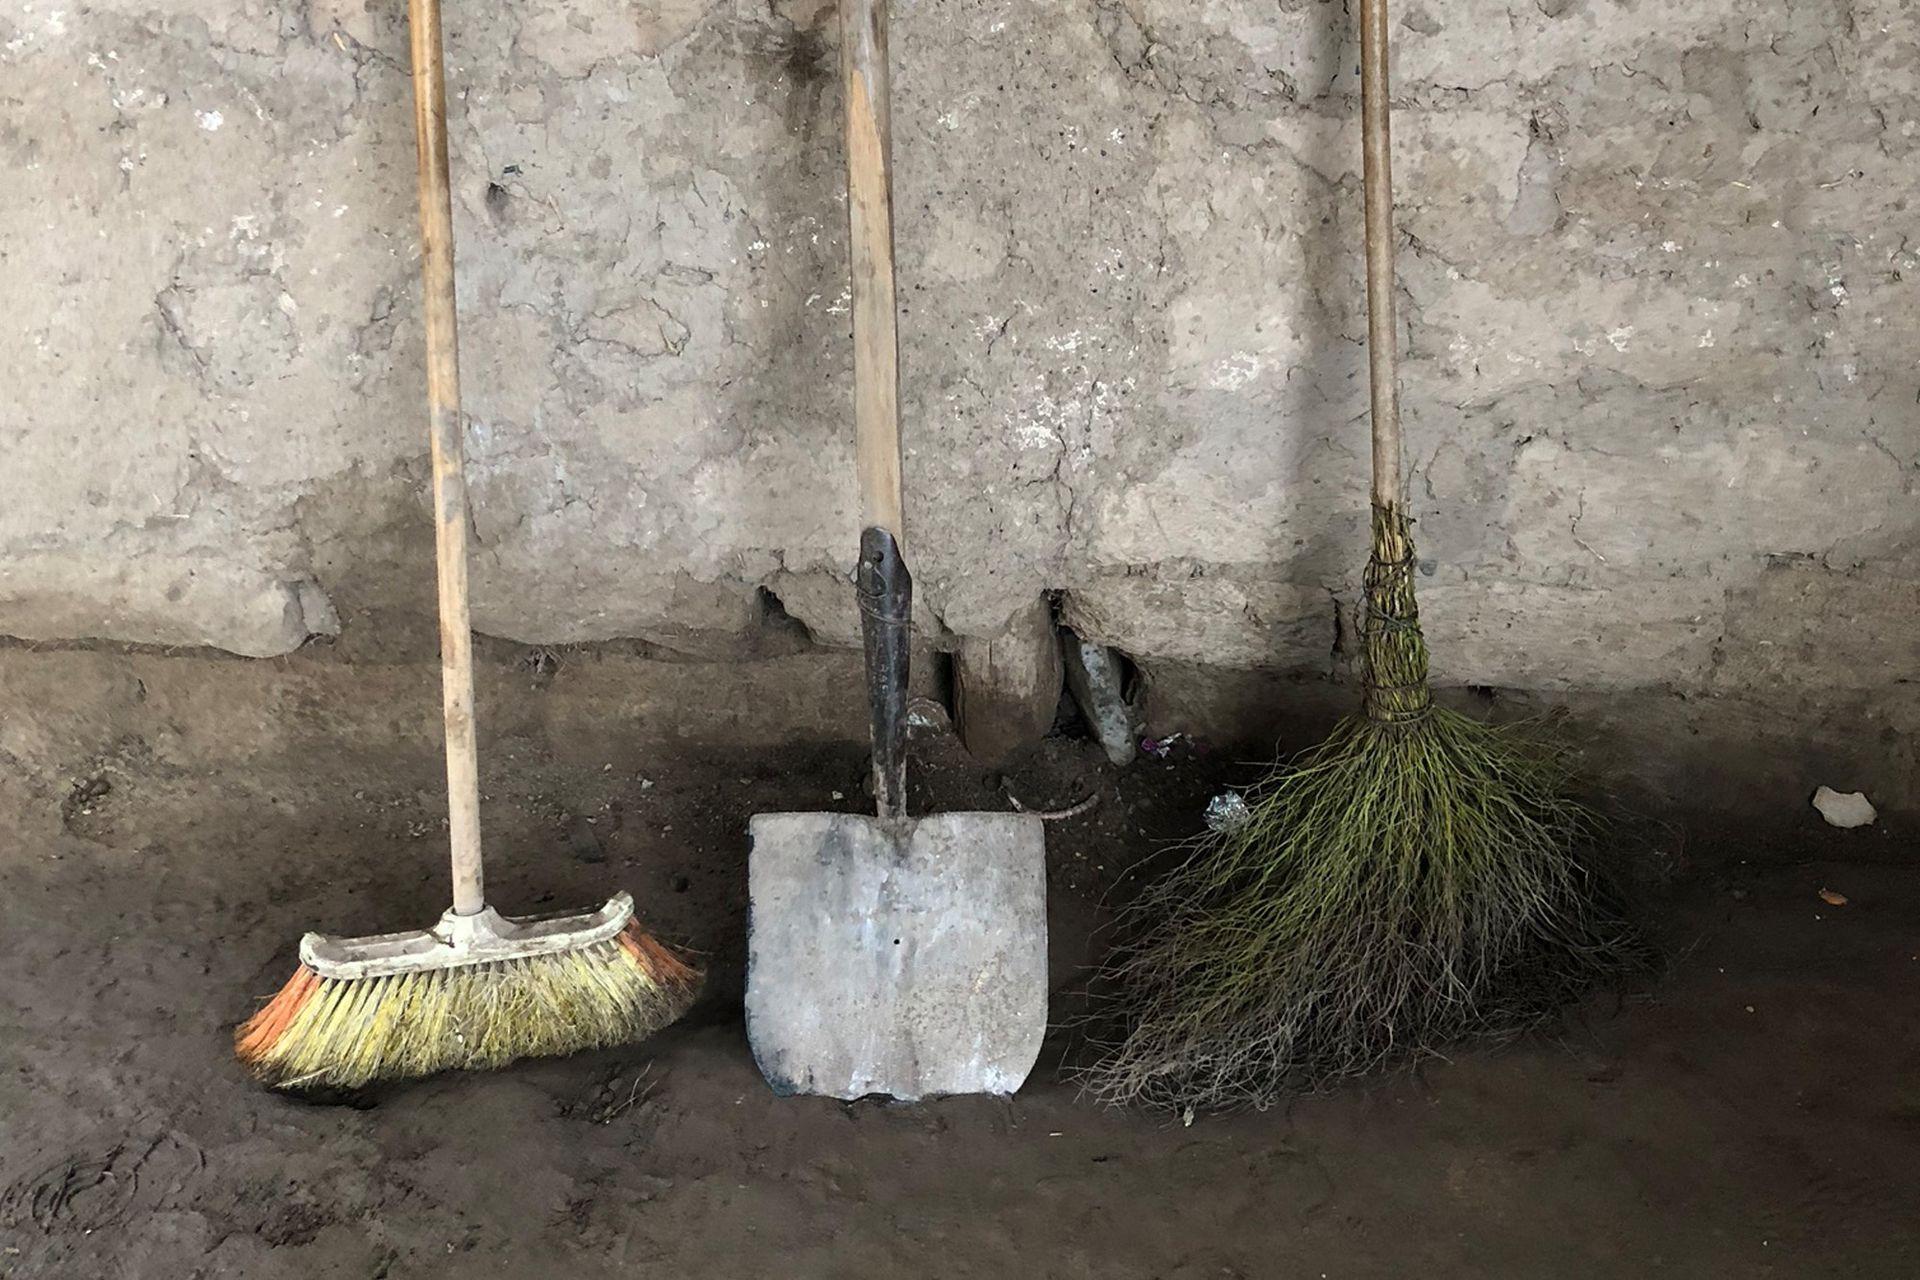 Las tres herramientas de limpieza que Nataly Torres usa en su casa de adobe y techo de chapa. Ella vive en Las Talas, un barrio de ranchos en los que se hace cada vez más difícil llegar a fin de mes.